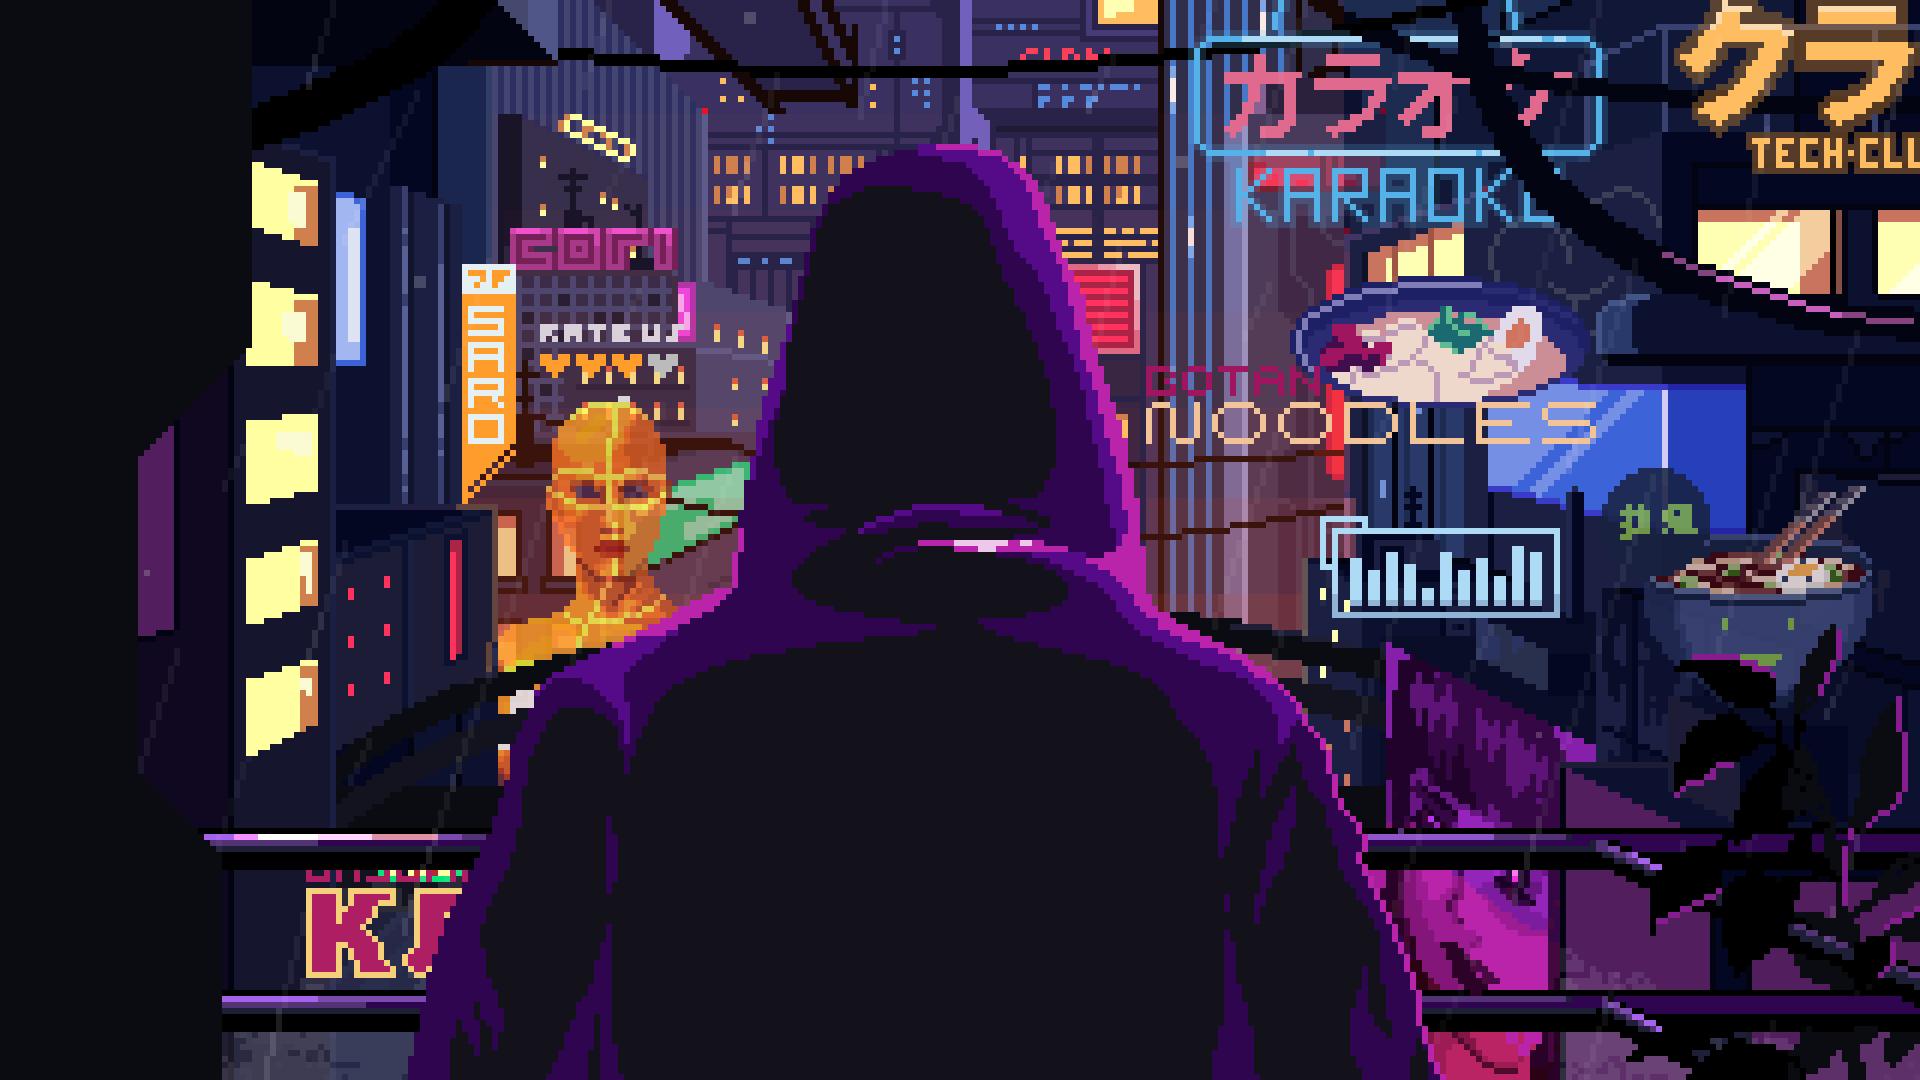 Мрачное будущее под атмосферный синт-метал в трейлере киберпанк-приключения VirtuaVerse